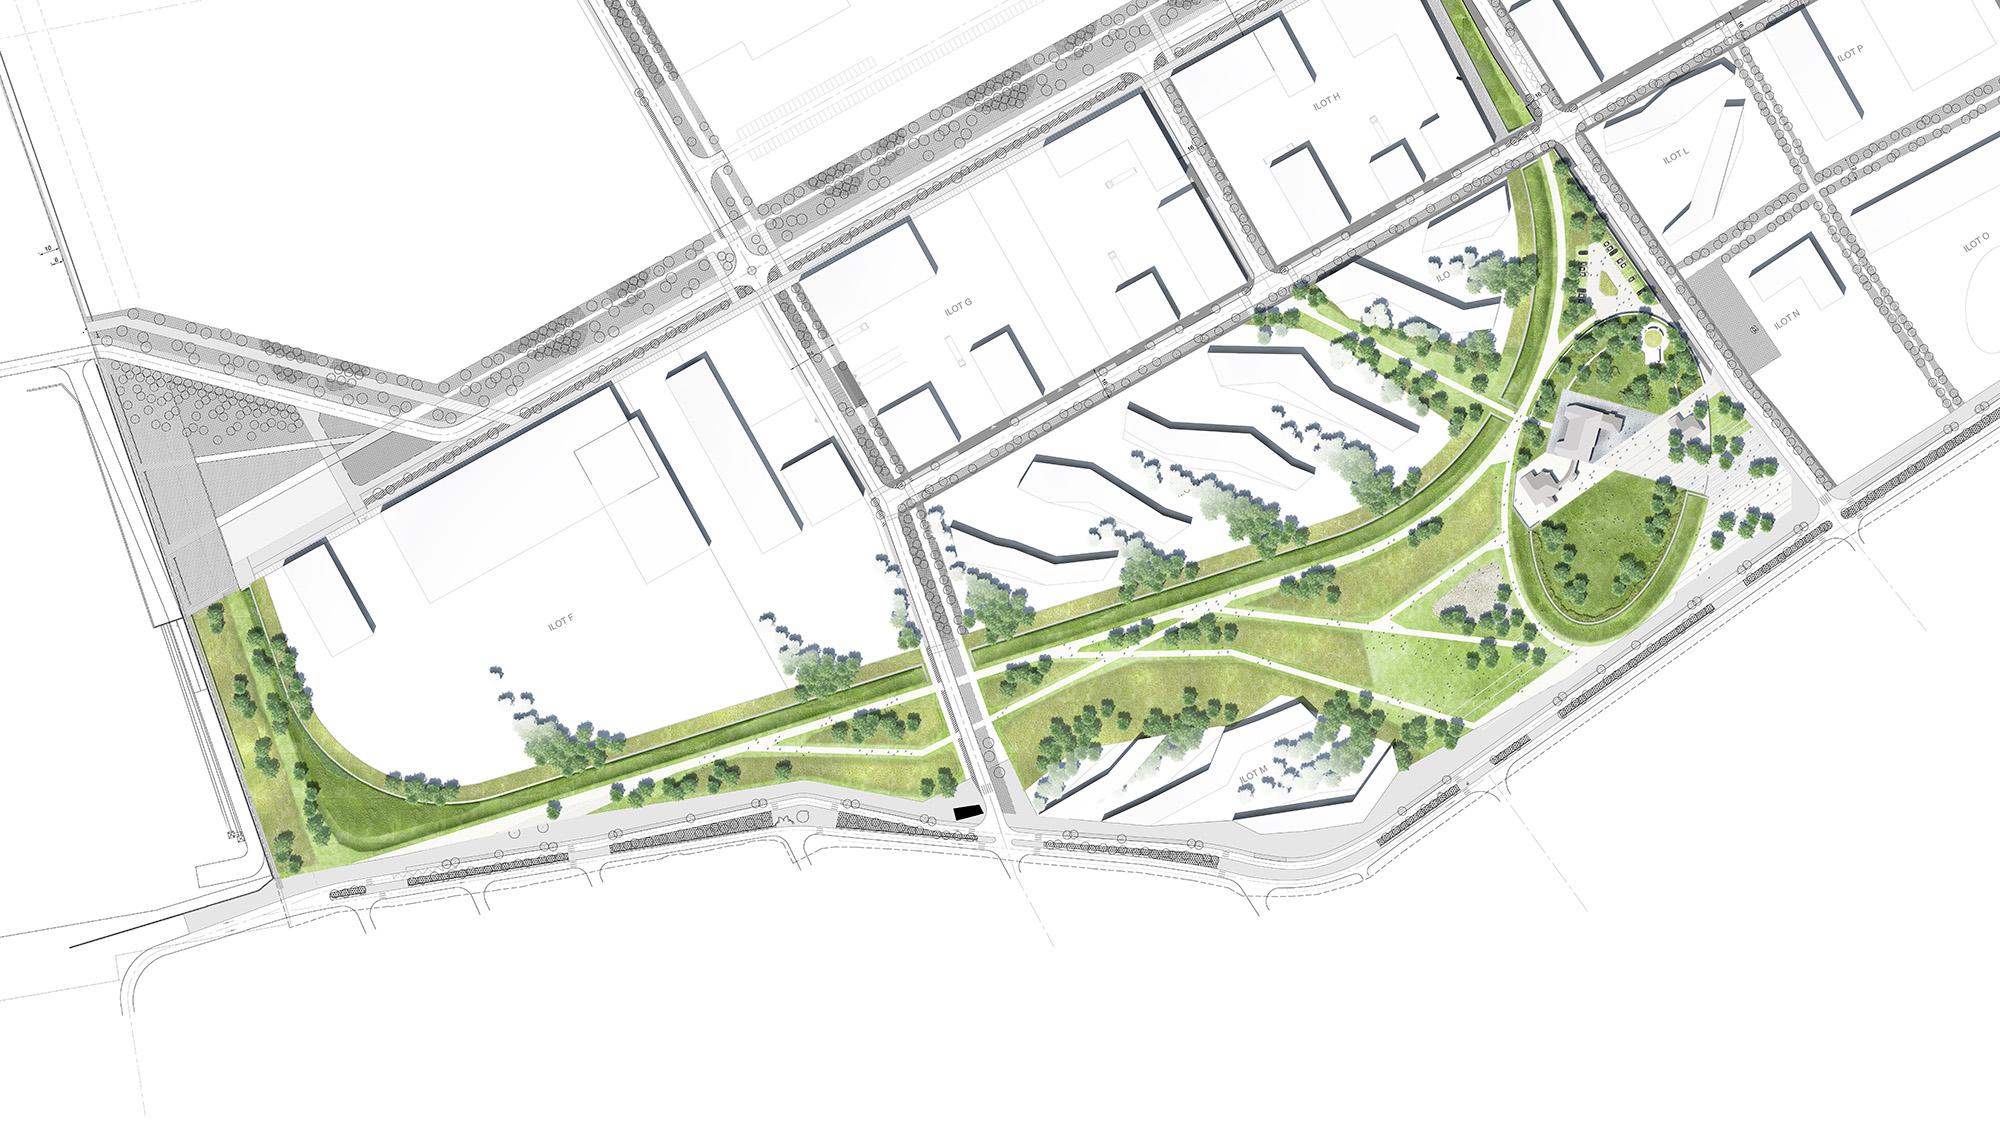 Plan masse général du projet du parc Vanderbilt situé sur l'écopole à Carrières sous Poissy